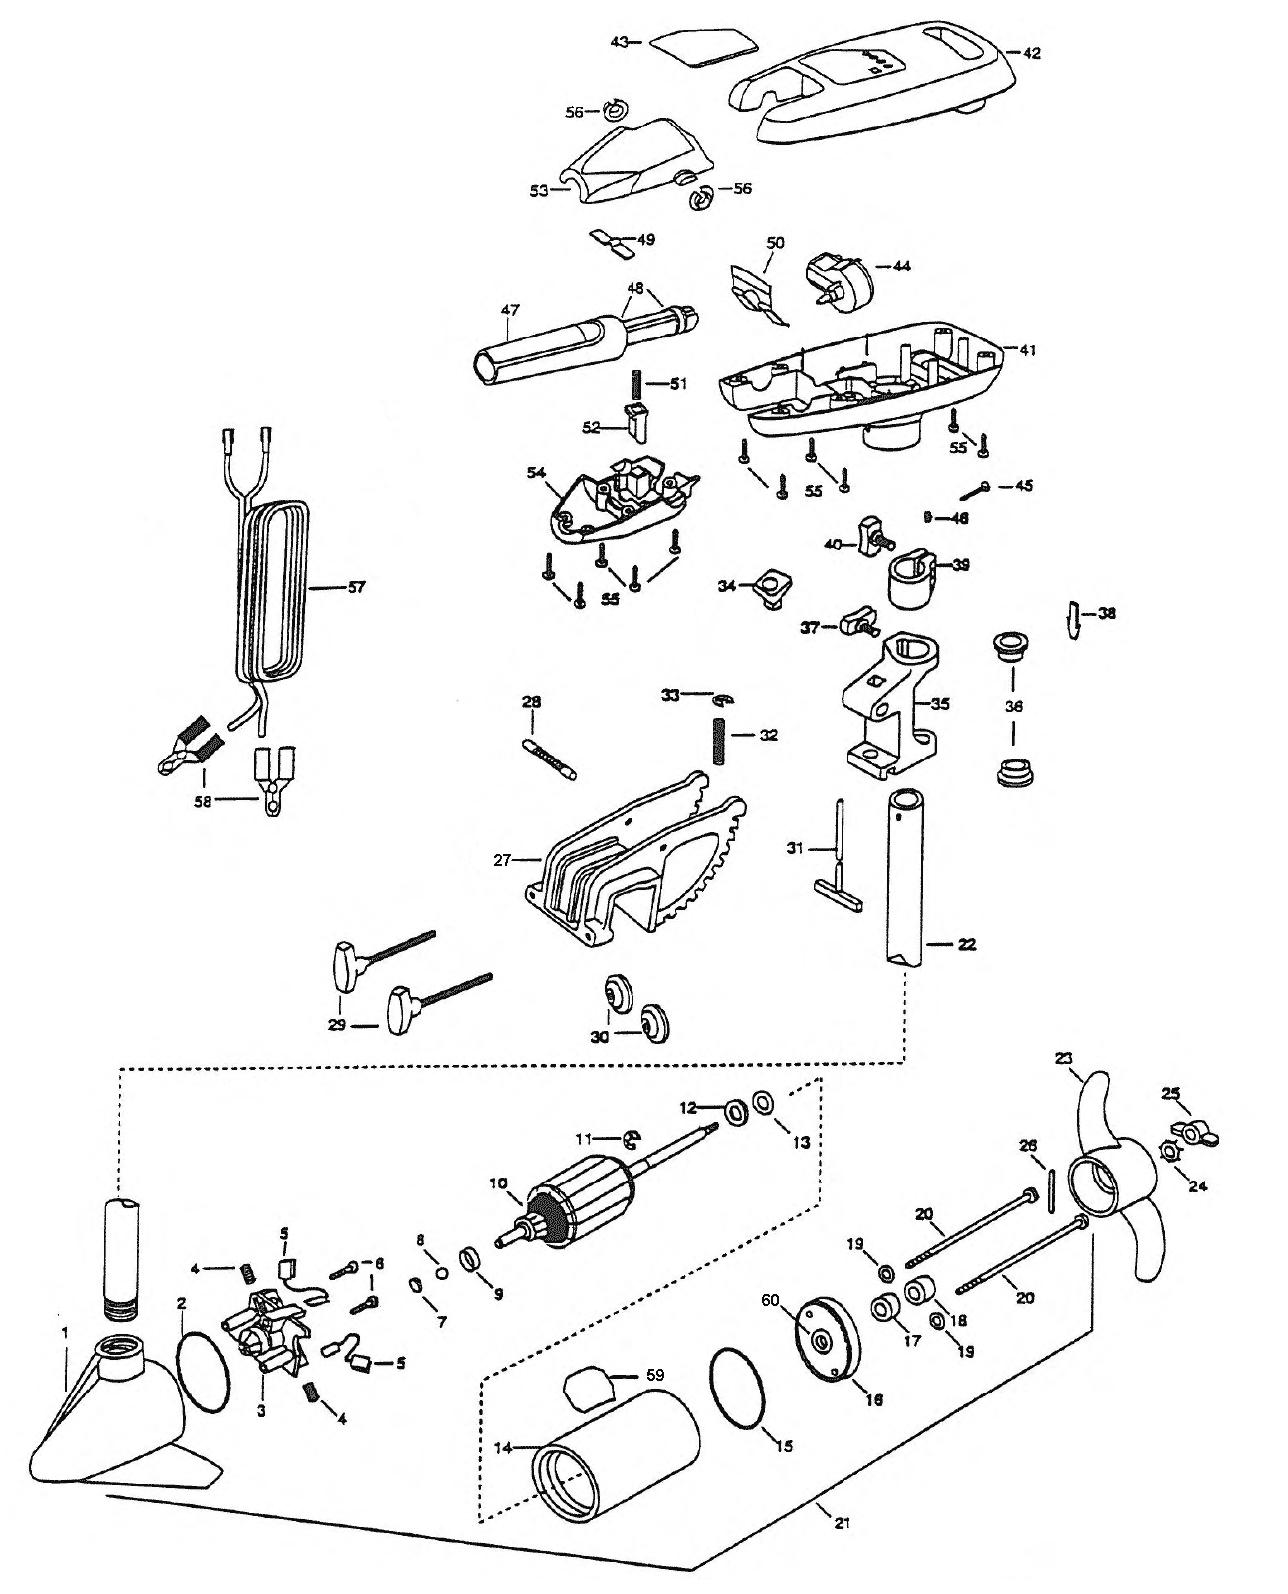 Diagram Of 1989 Motorguide Trolling Motor 9001183uj Wiring Harness